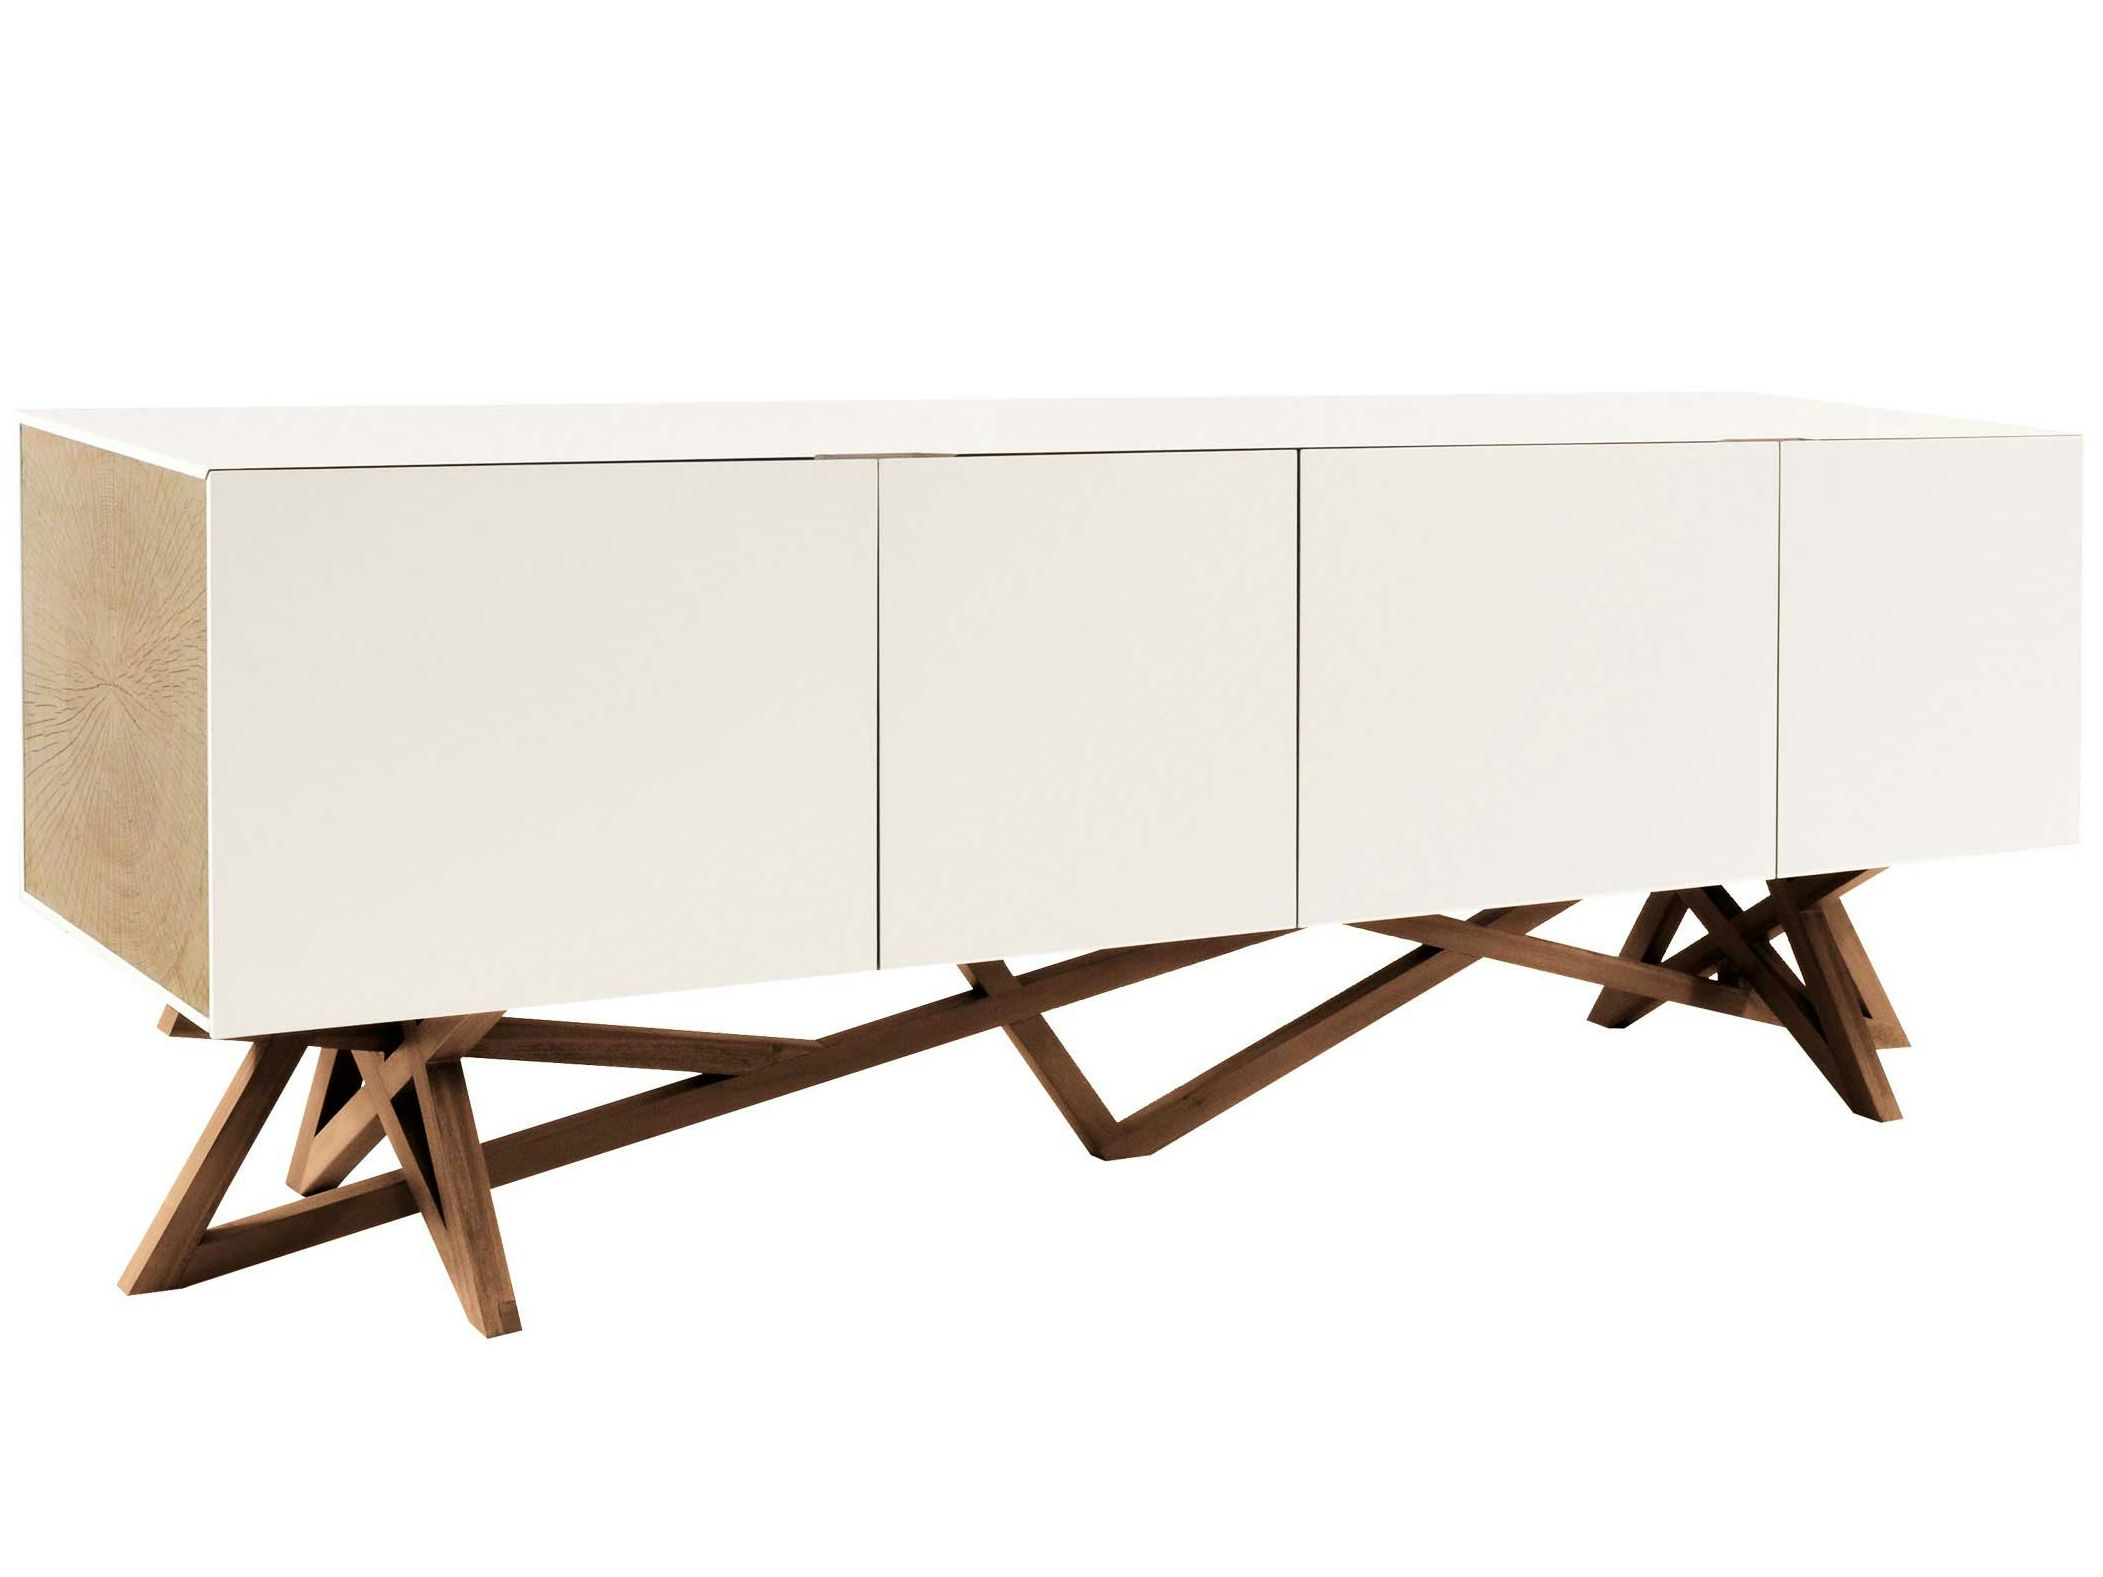 Saga Sideboard By Roche Bobois Design Christophe Delcourt  # Meuble Hifi Roche Bobois